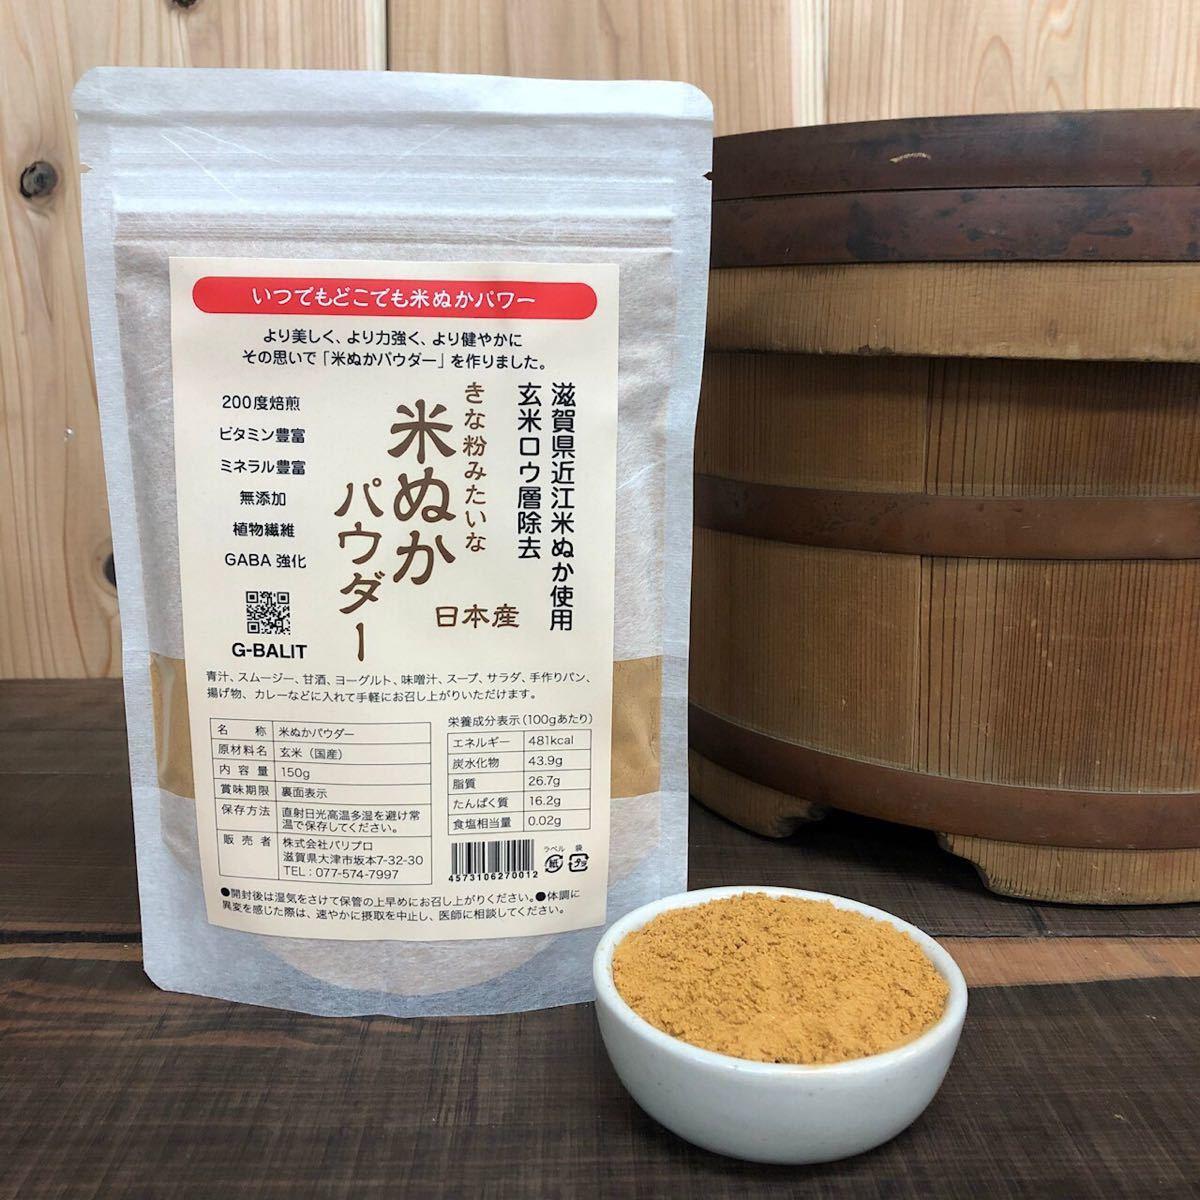 きな粉のような米ぬかパウダー 500g 滋賀県産無農薬近江米ぬか使用 米ぬか 無添加 食物繊維 ビタミン B ビタミンE ミネラル UP HADOO_画像2